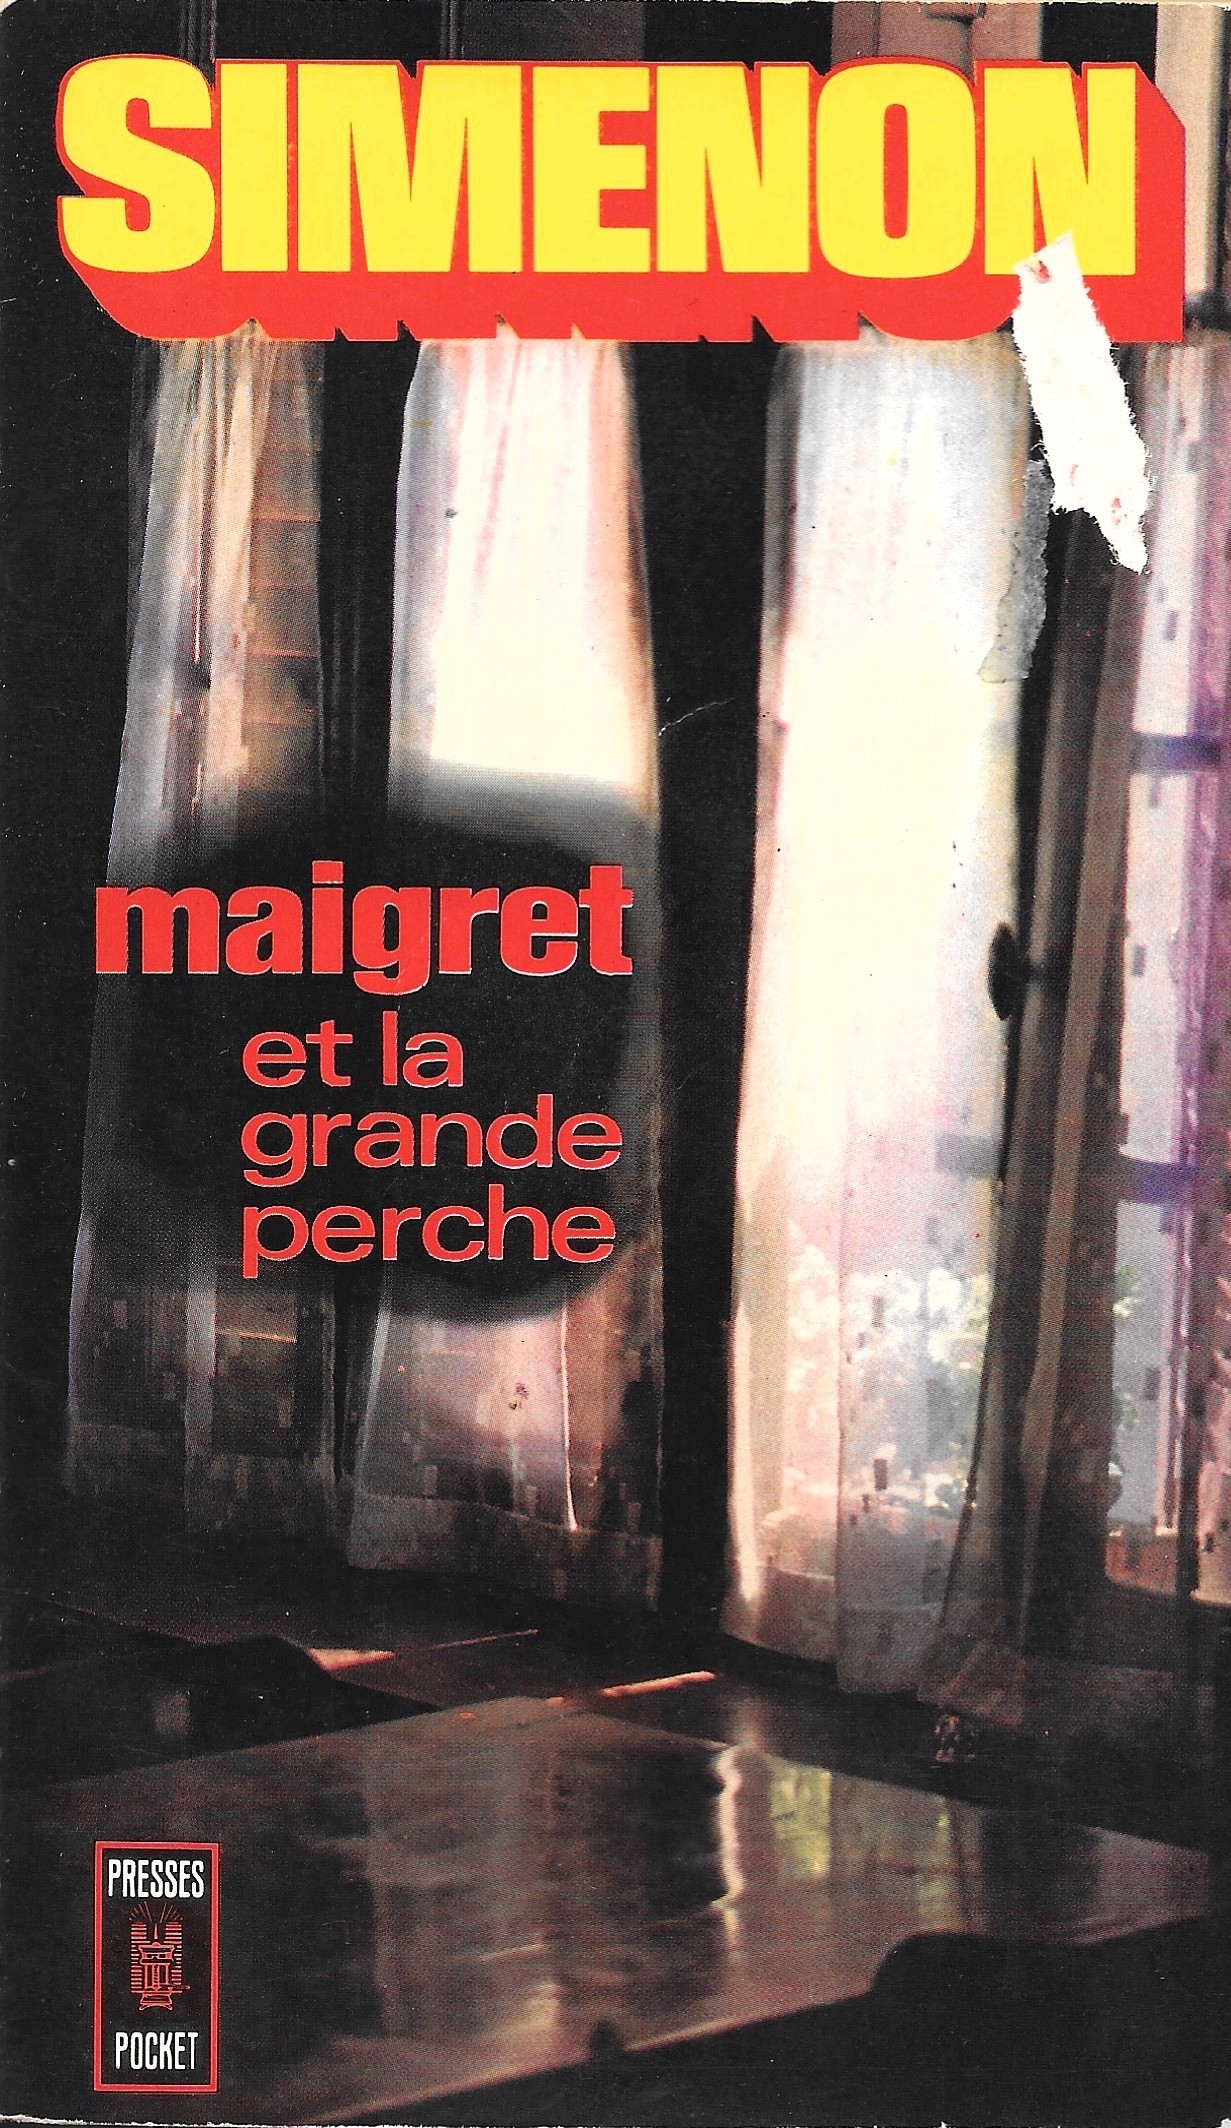 Simenon, Maigret et la Grande Perche, éd. de 1972, couverture